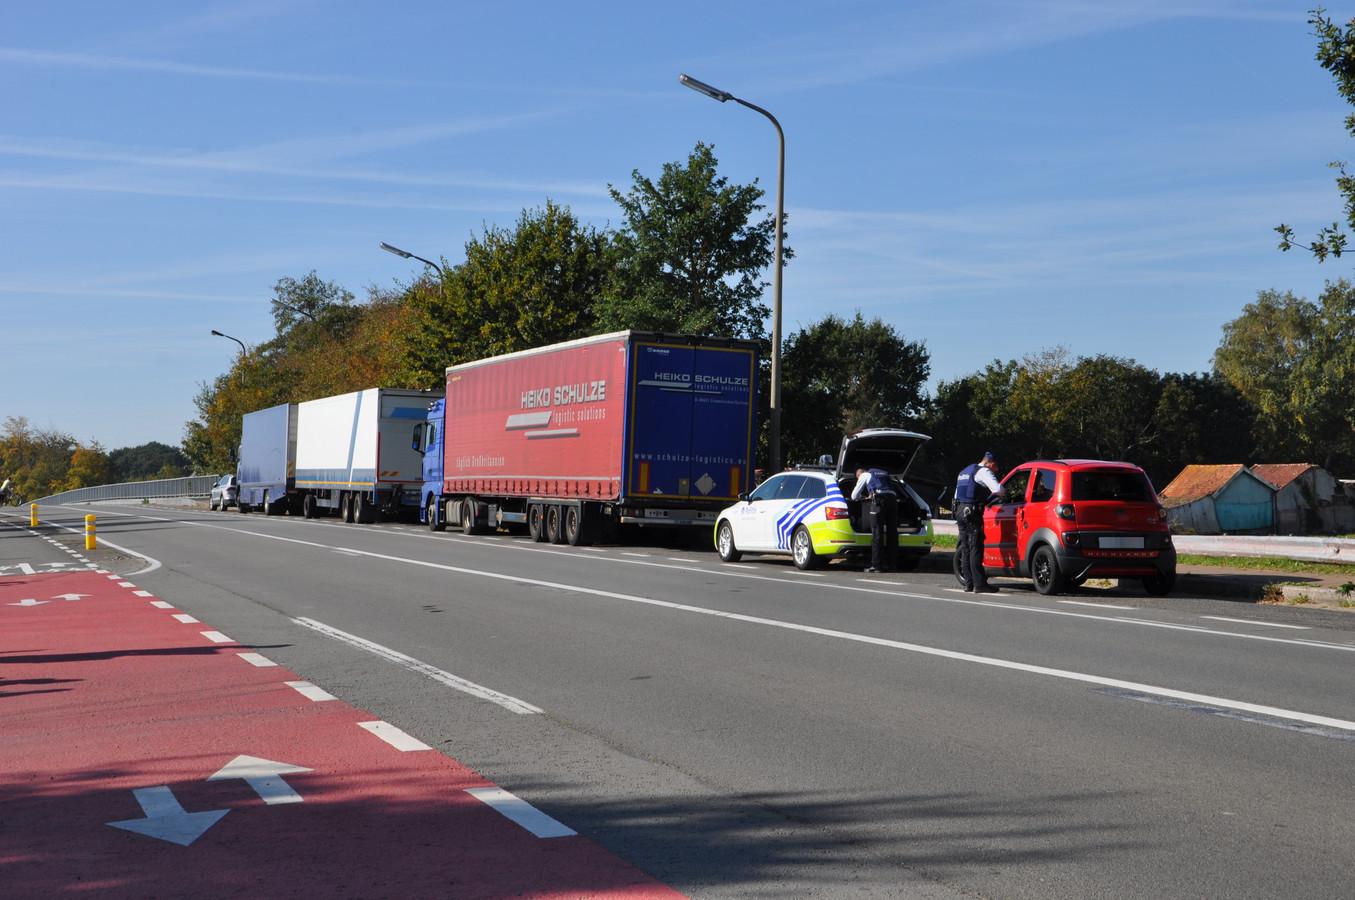 De politie organiseerde een controle op de N368 om de nood aan de ANPR-camera's te demonstreren.